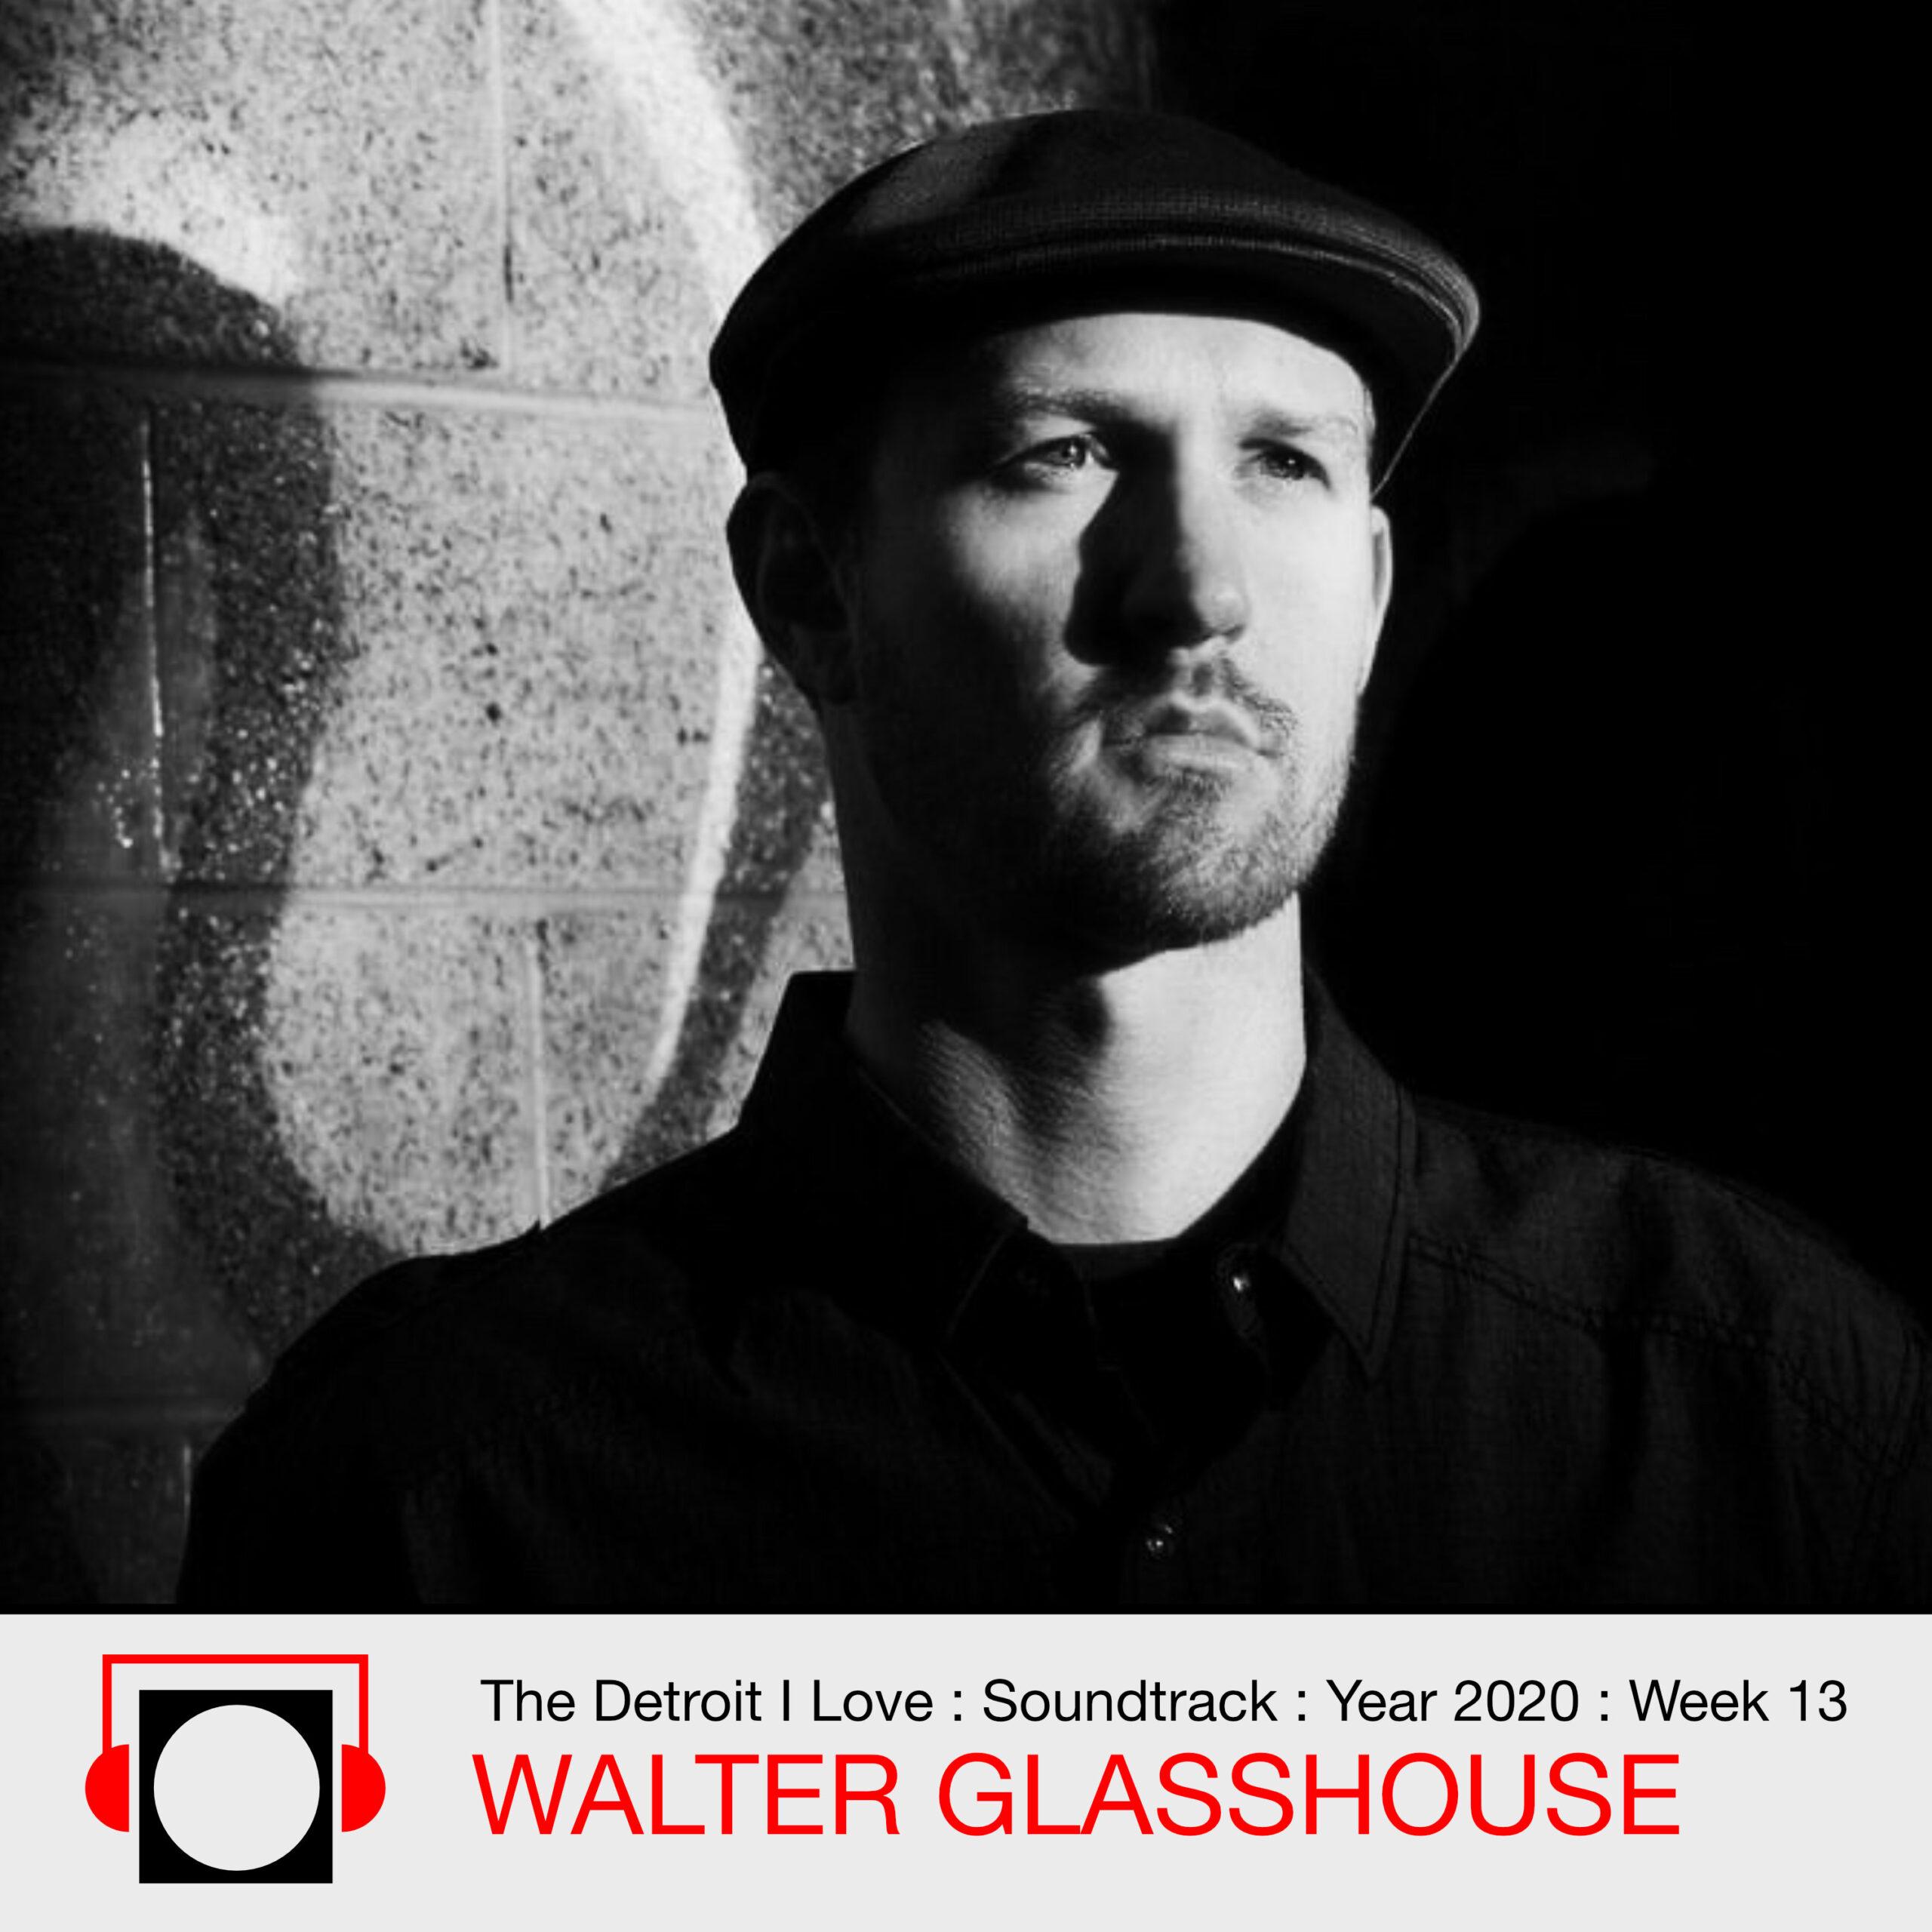 Soundtrack : Walter Glasshouse